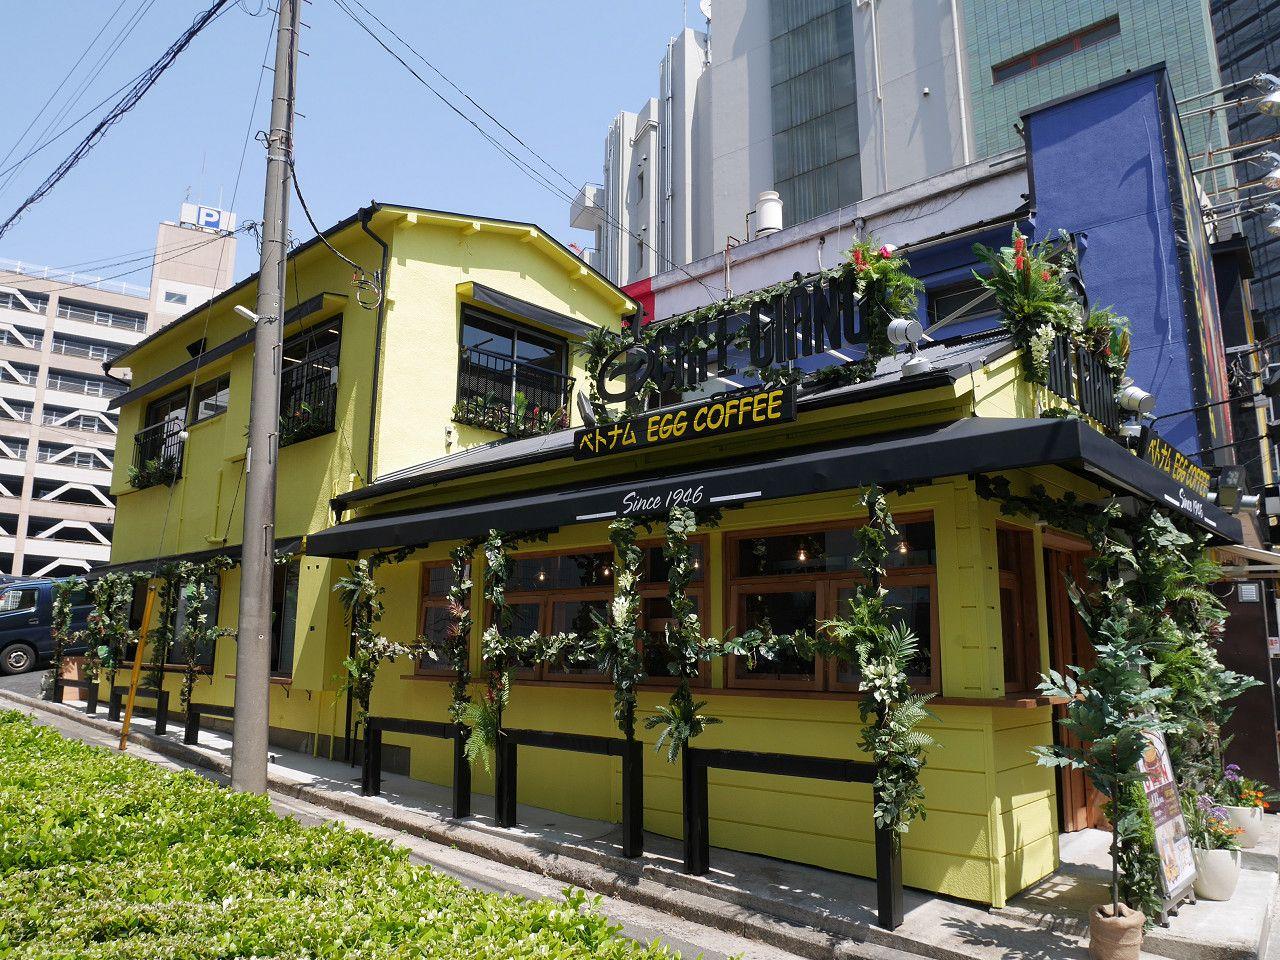 ベトナムで人気の「エッグコーヒー」発祥の店「カフェジャン)」が横浜中華街にオープン